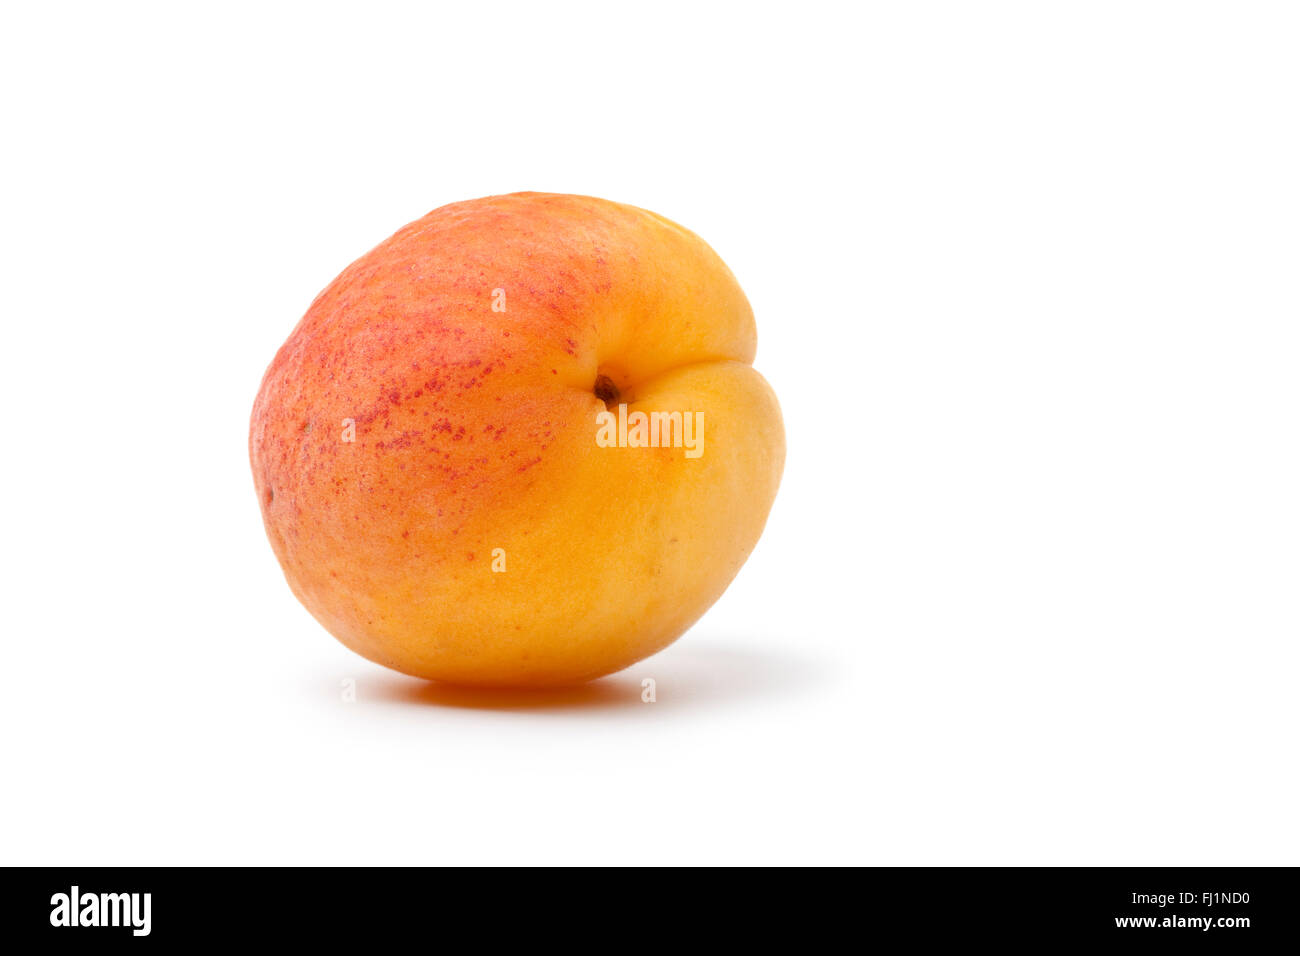 Whole fresh apricot isolated on white background - Stock Image